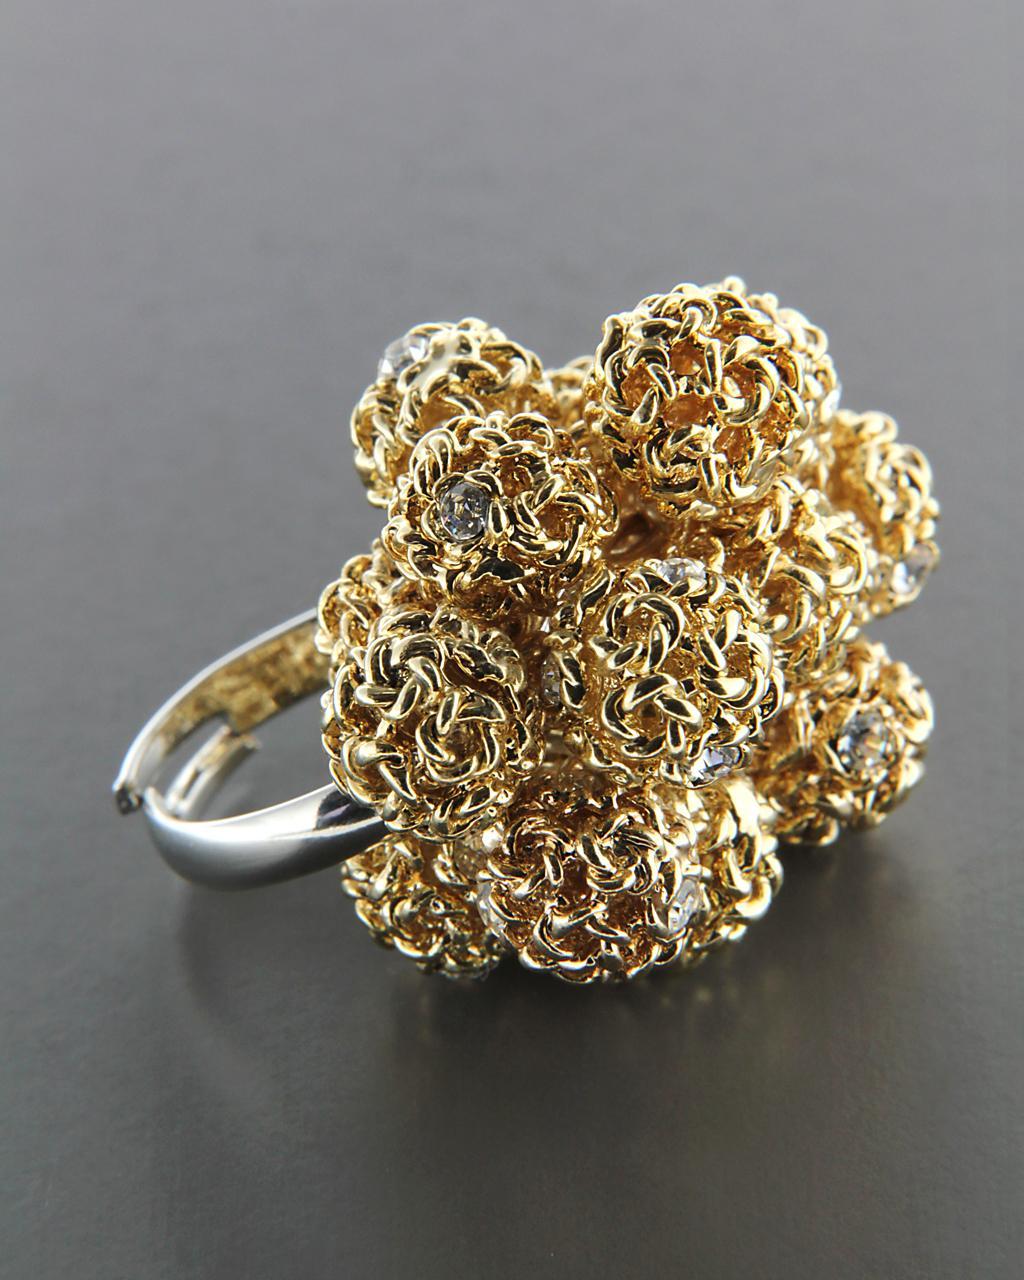 Δαχτυλίδι από κράμα μετάλλων με Ζιργκόν   κοσμηματα δαχτυλίδια δαχτυλίδια fashion